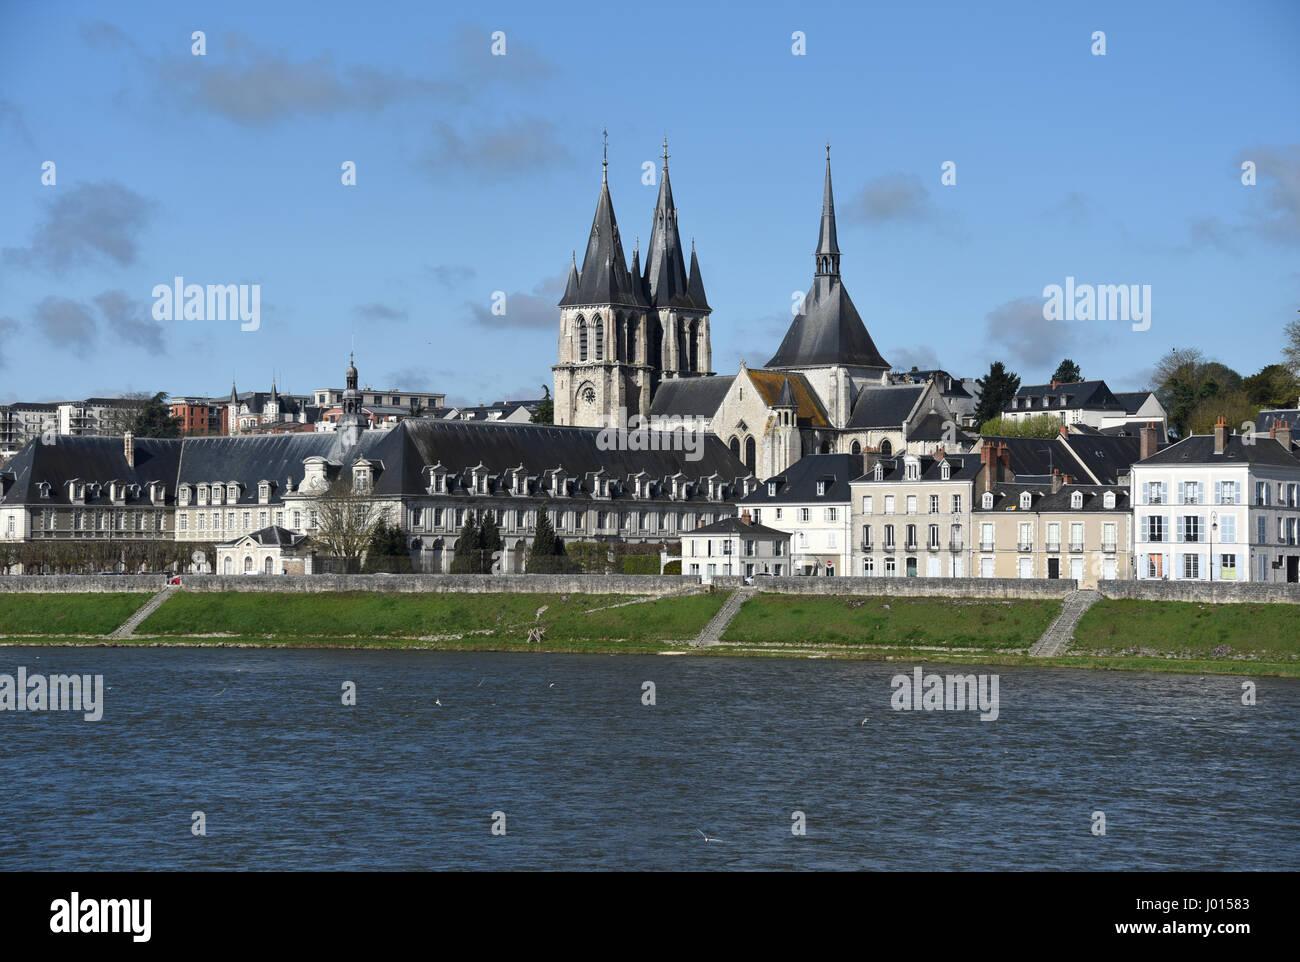 Blois, Saint-Nicolas church and Abbaye Saint-Laumer de Blois, Loire river, Loire valley, Loir-et-Cher, Centre-Val - Stock Image